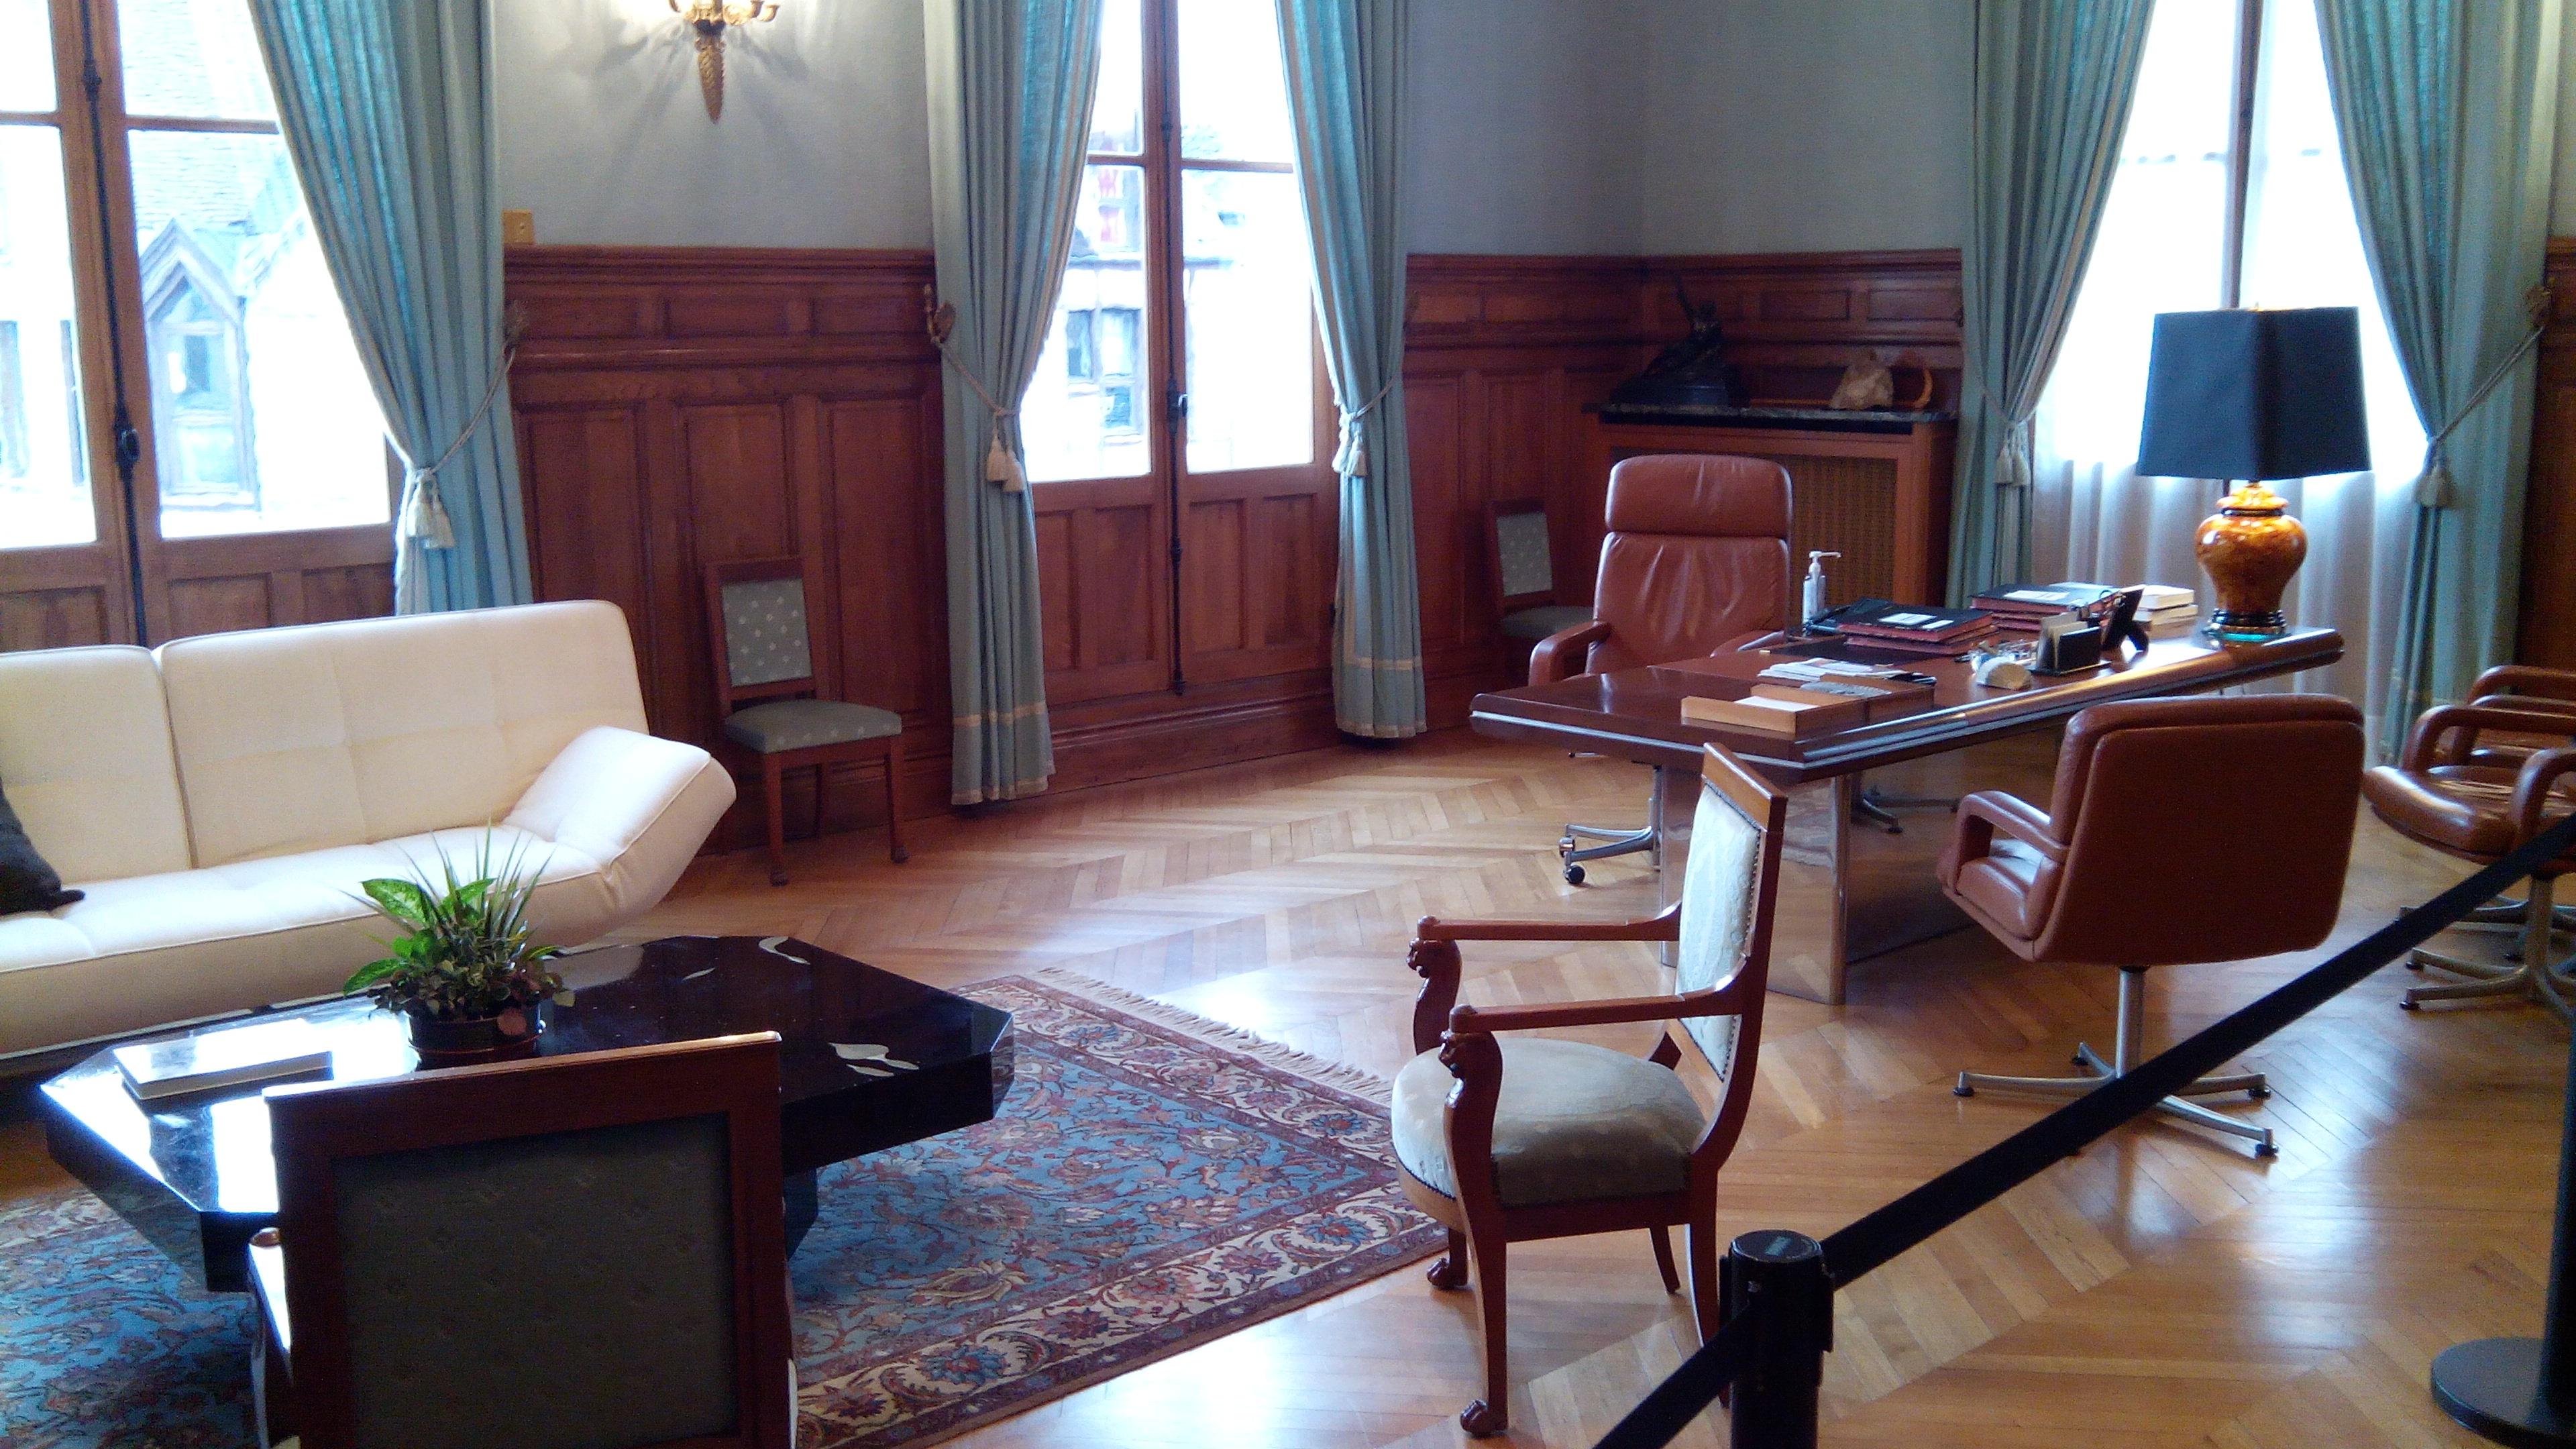 Fichier:hôtel de ville de troyes bureau du maire 01.jpg u2014 wikipédia